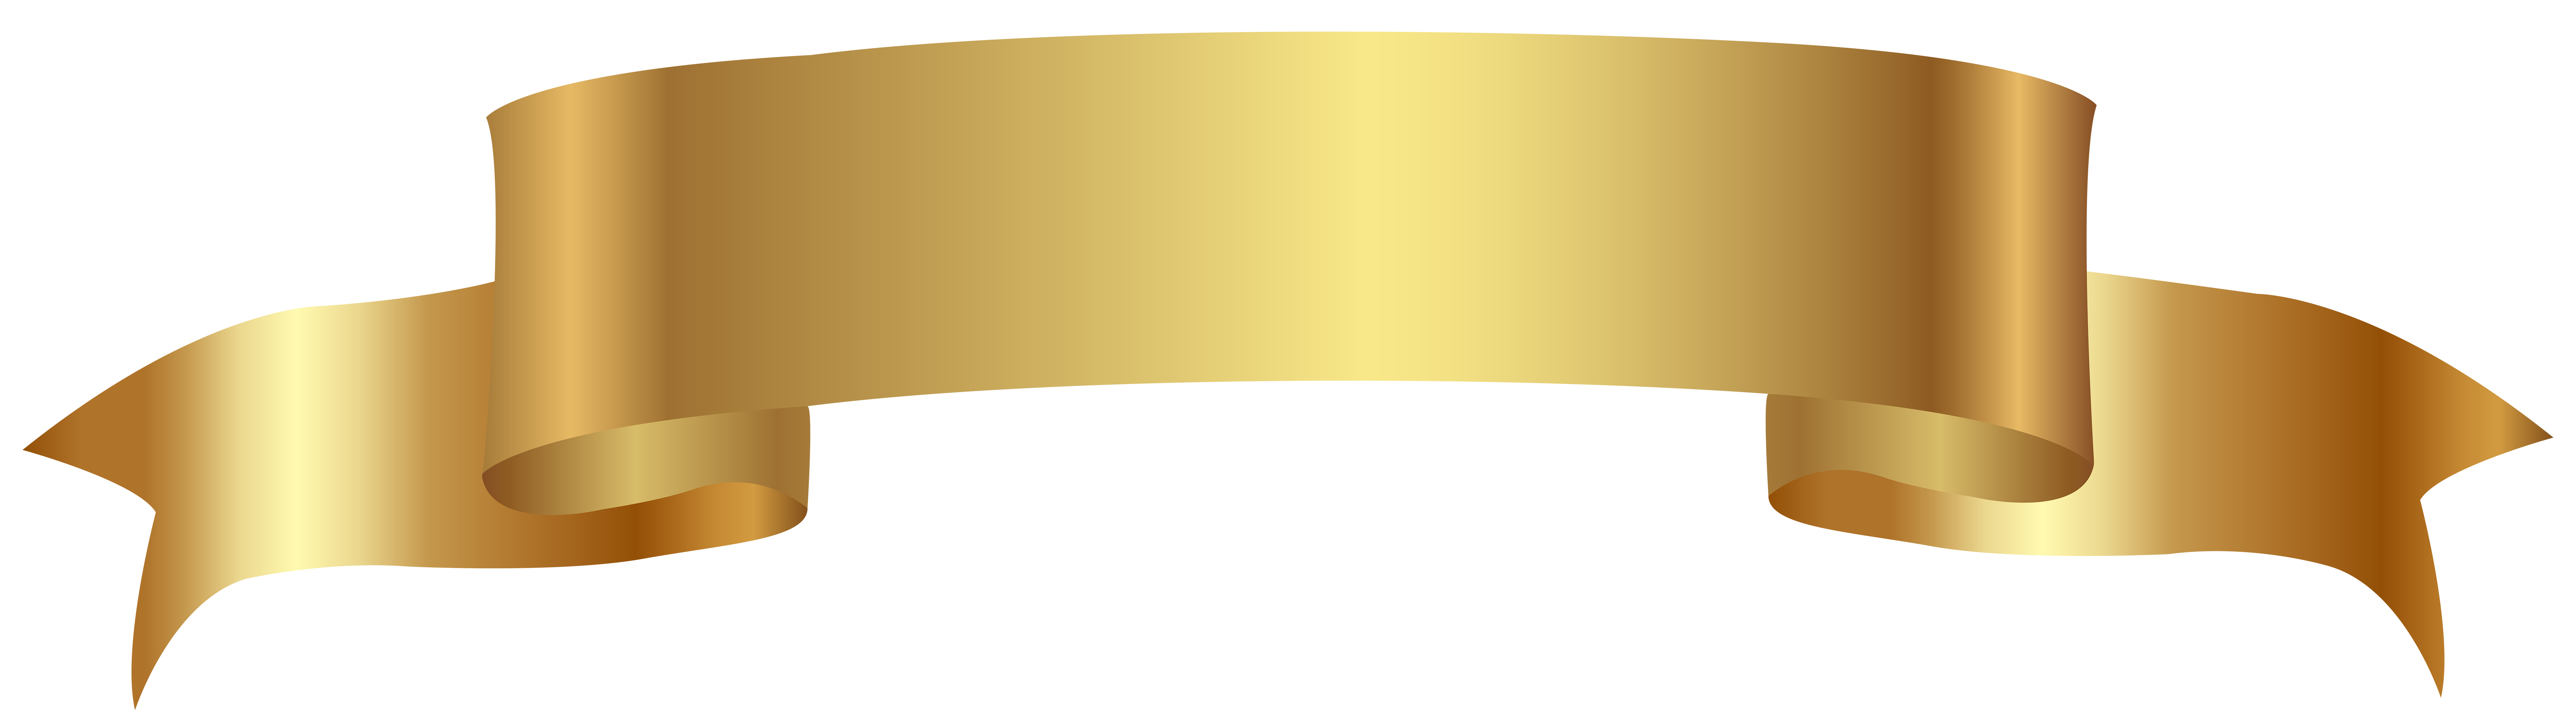 Gold banner png image. Desk clipart transparent background